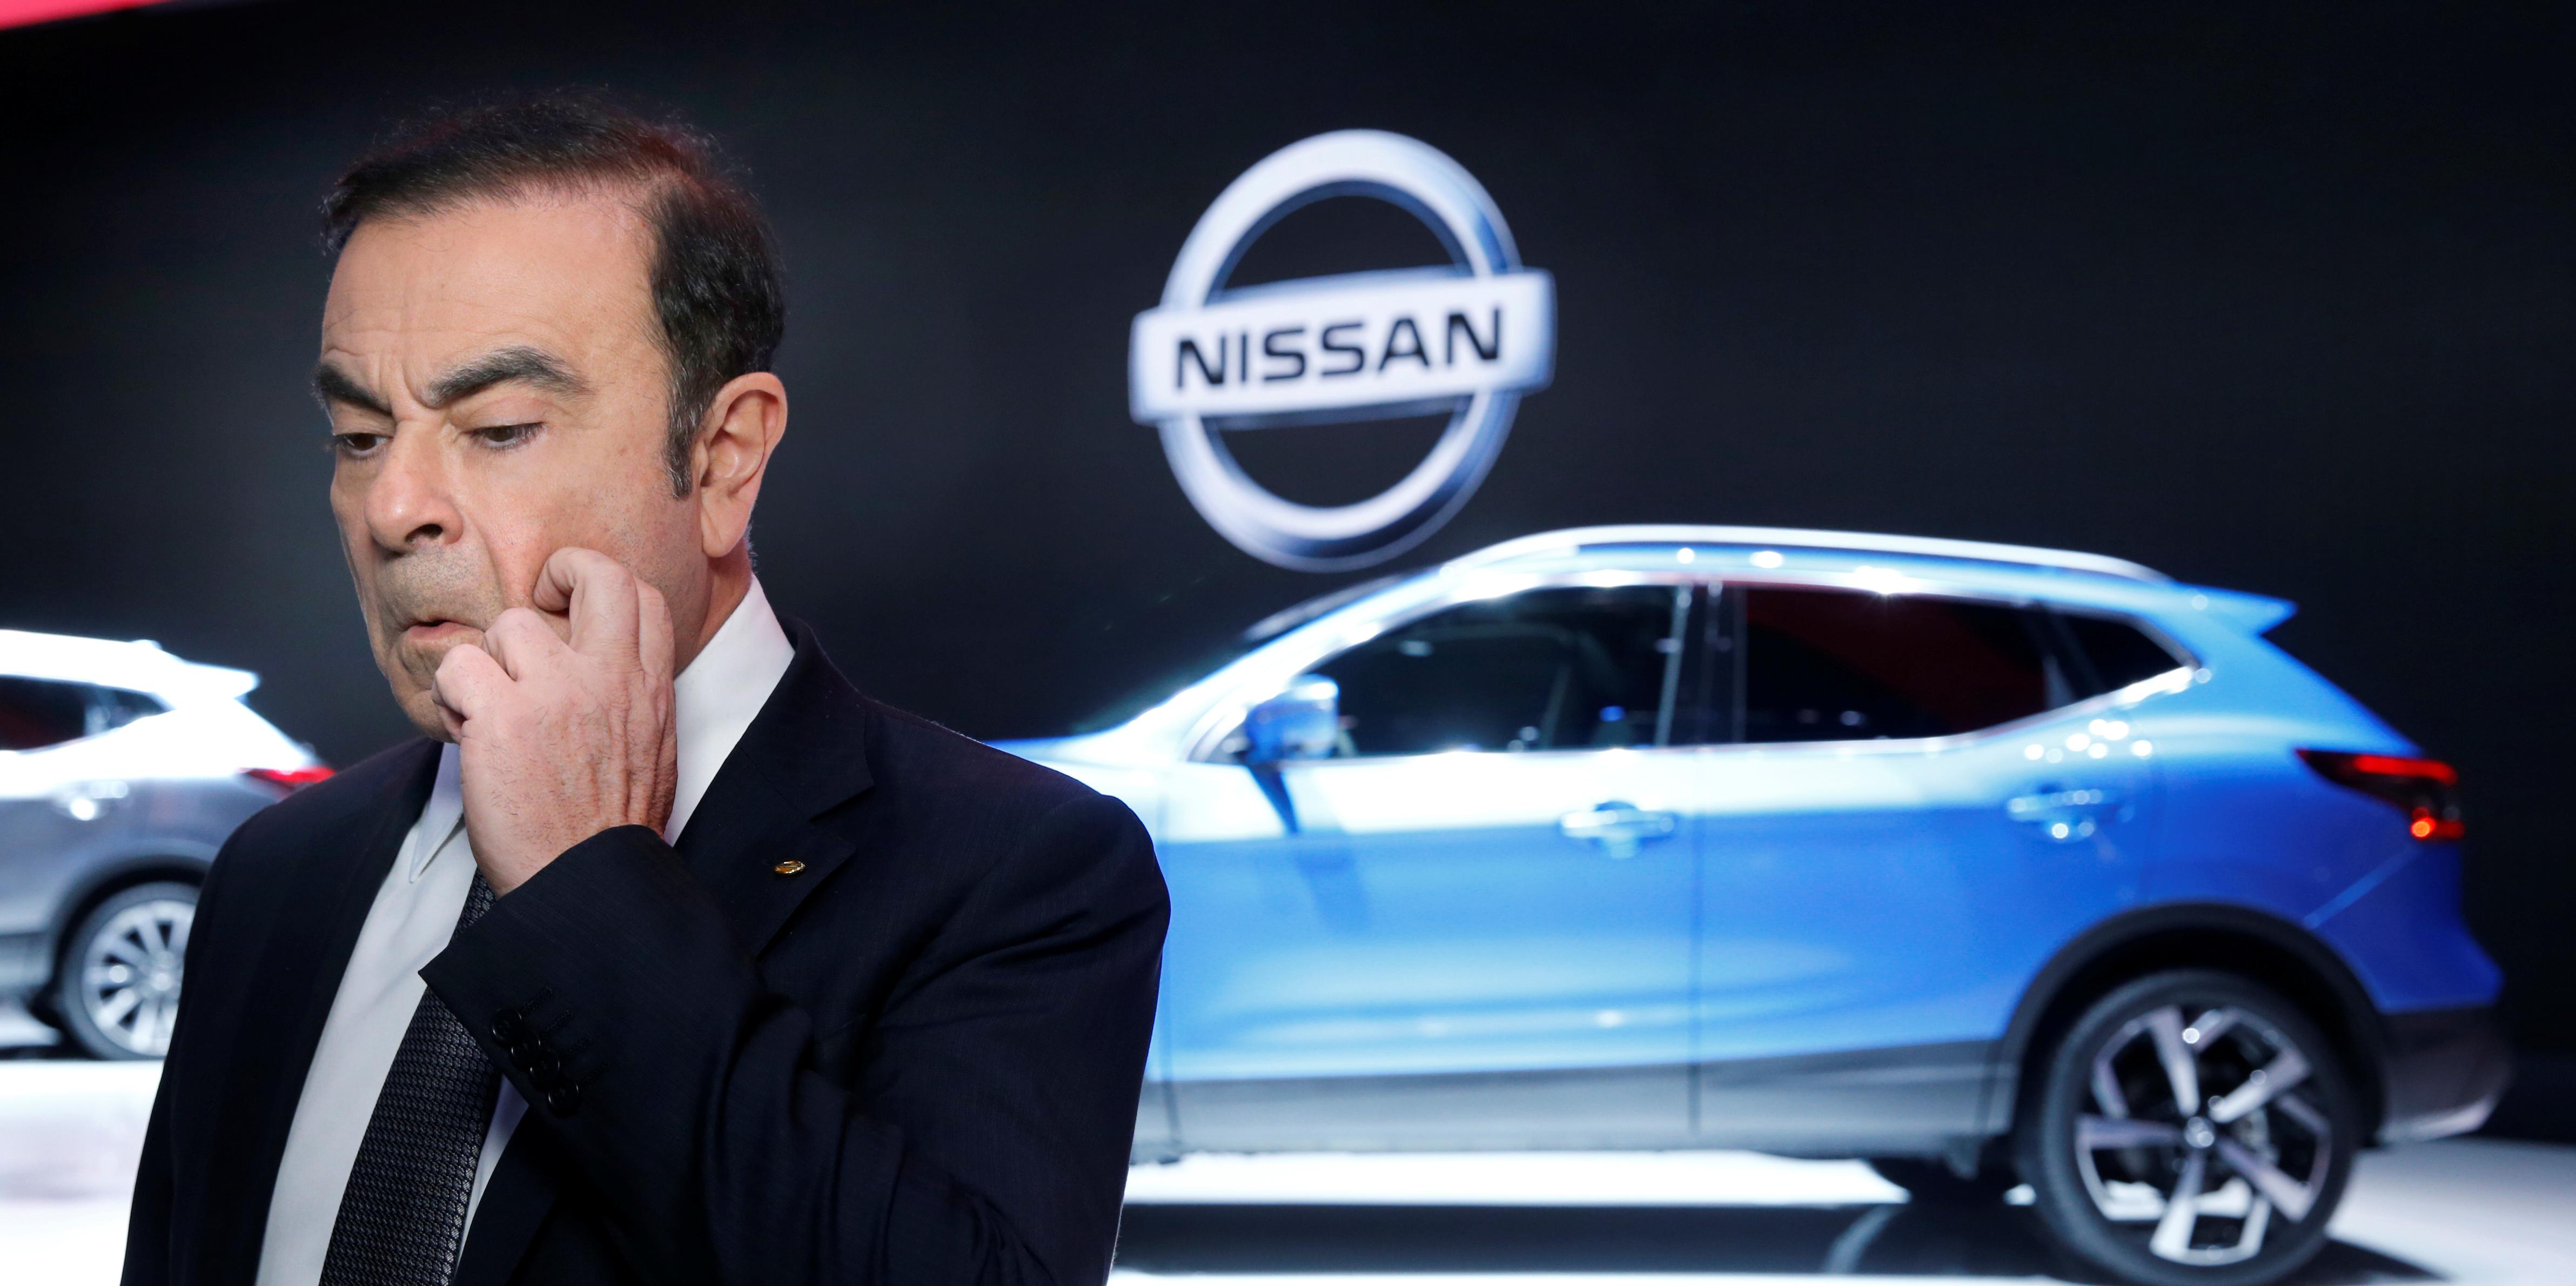 L'alliance Renault-Nissan est-elle morte, comme le prétend Carlos Ghosn ?